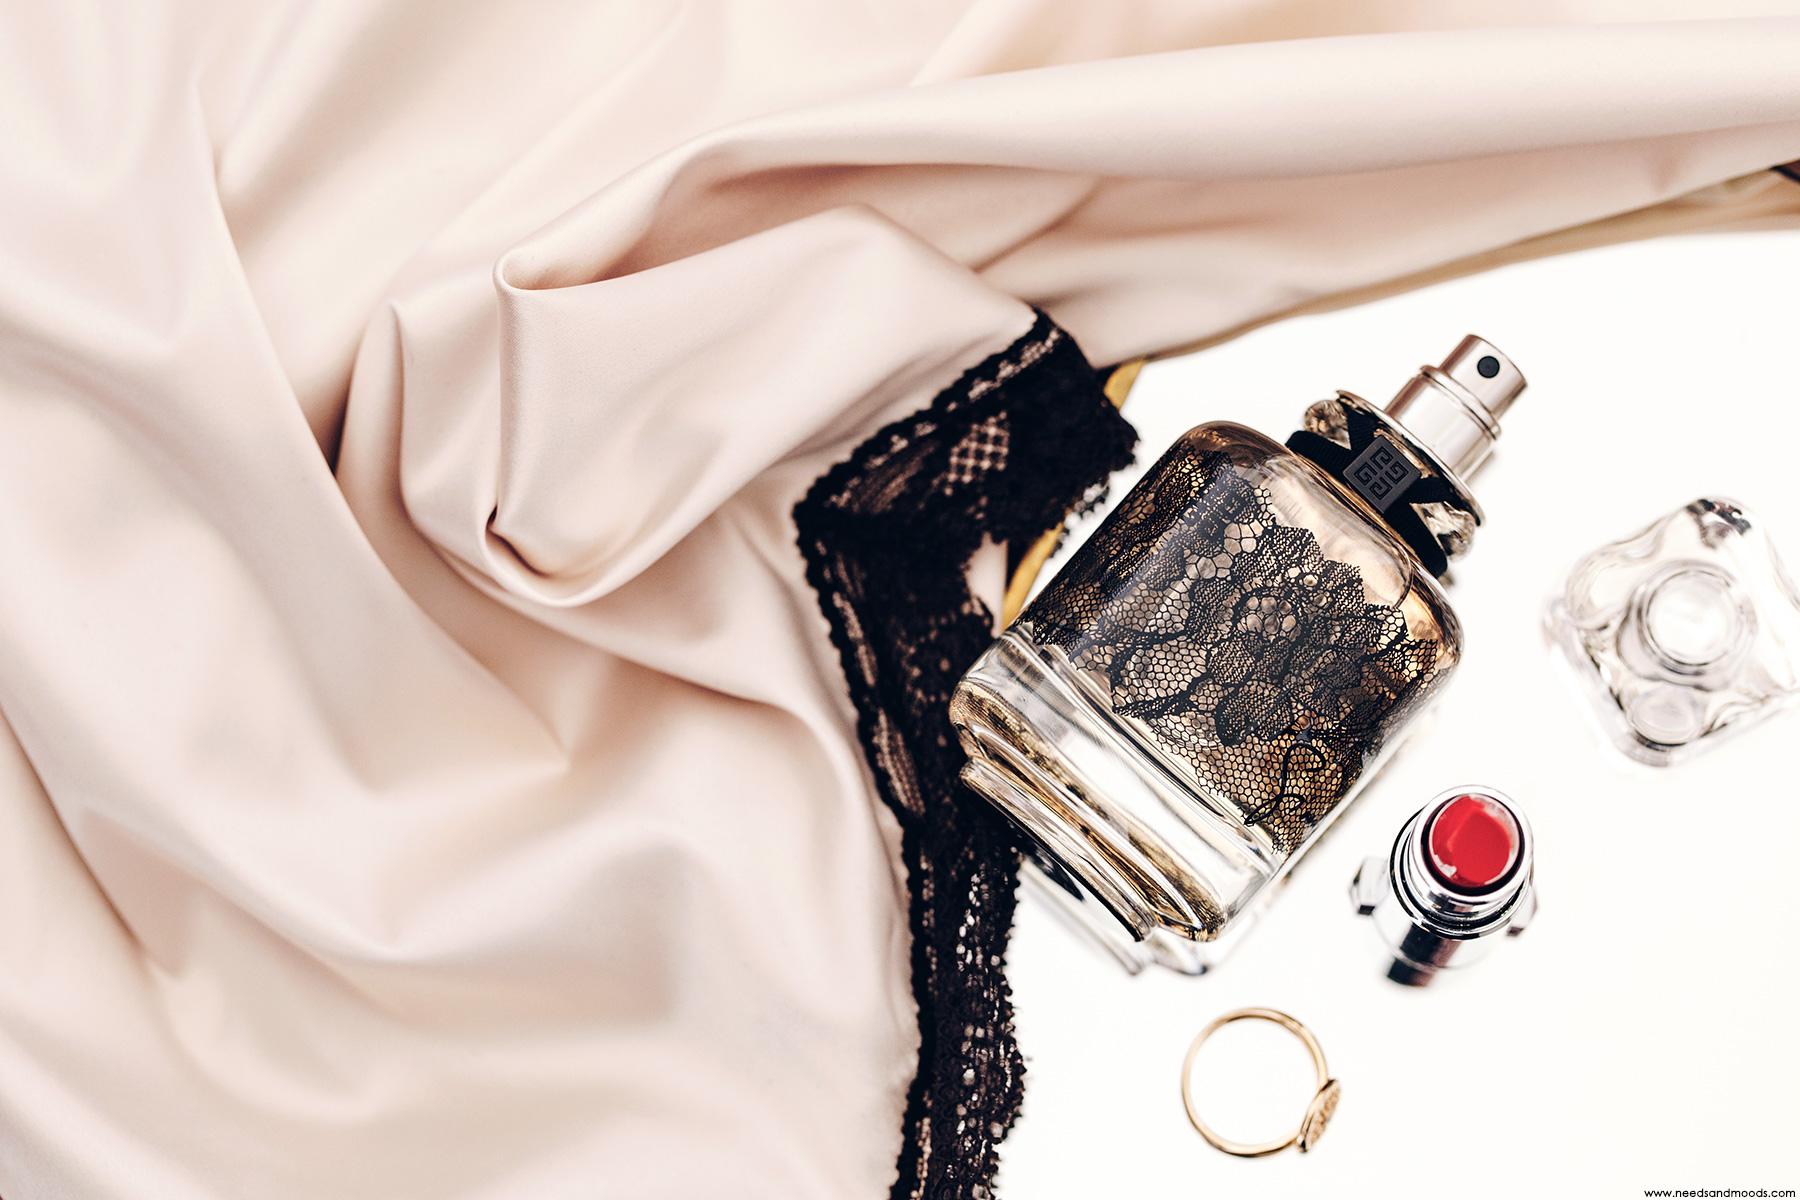 givenchy l interdit eau de parfum edition couture 2020